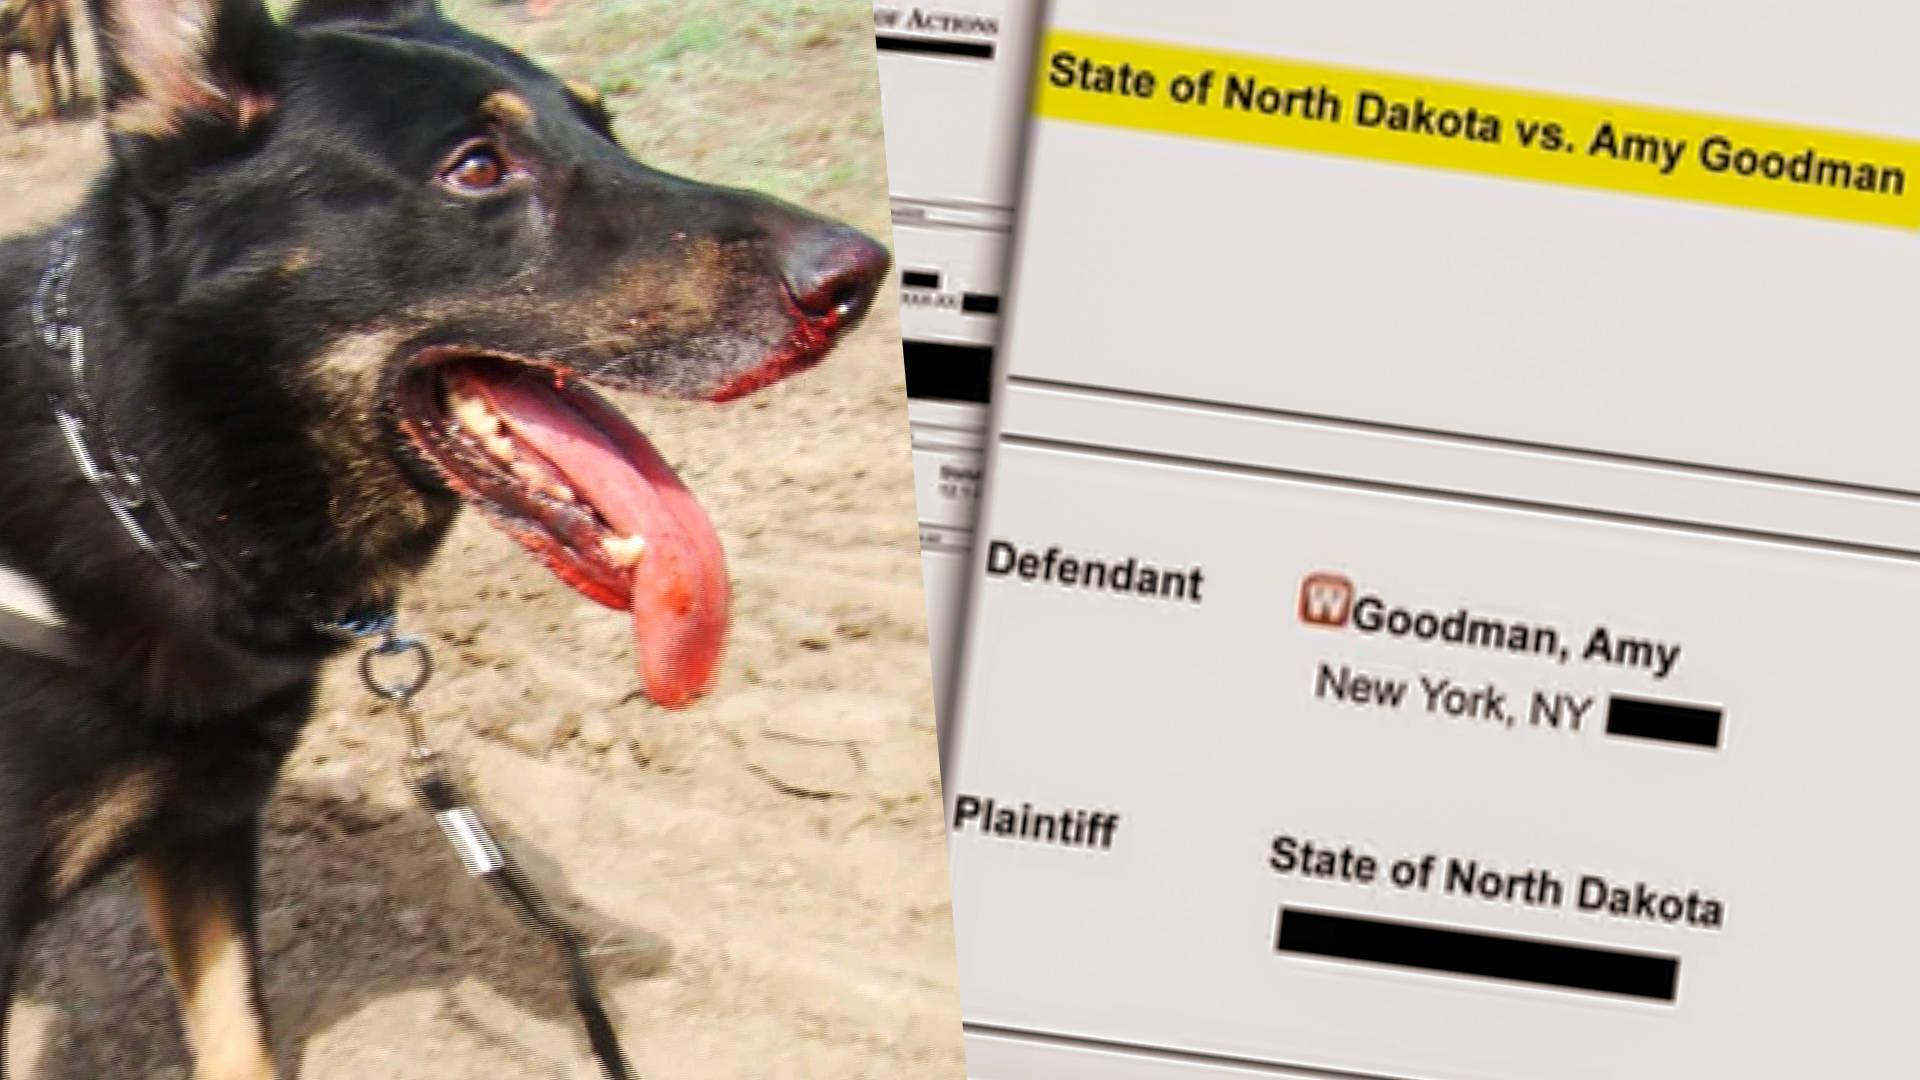 MEDIA ADVISORY: Journalist Amy Goodman to Turn Herself in to North Dakota Authorities